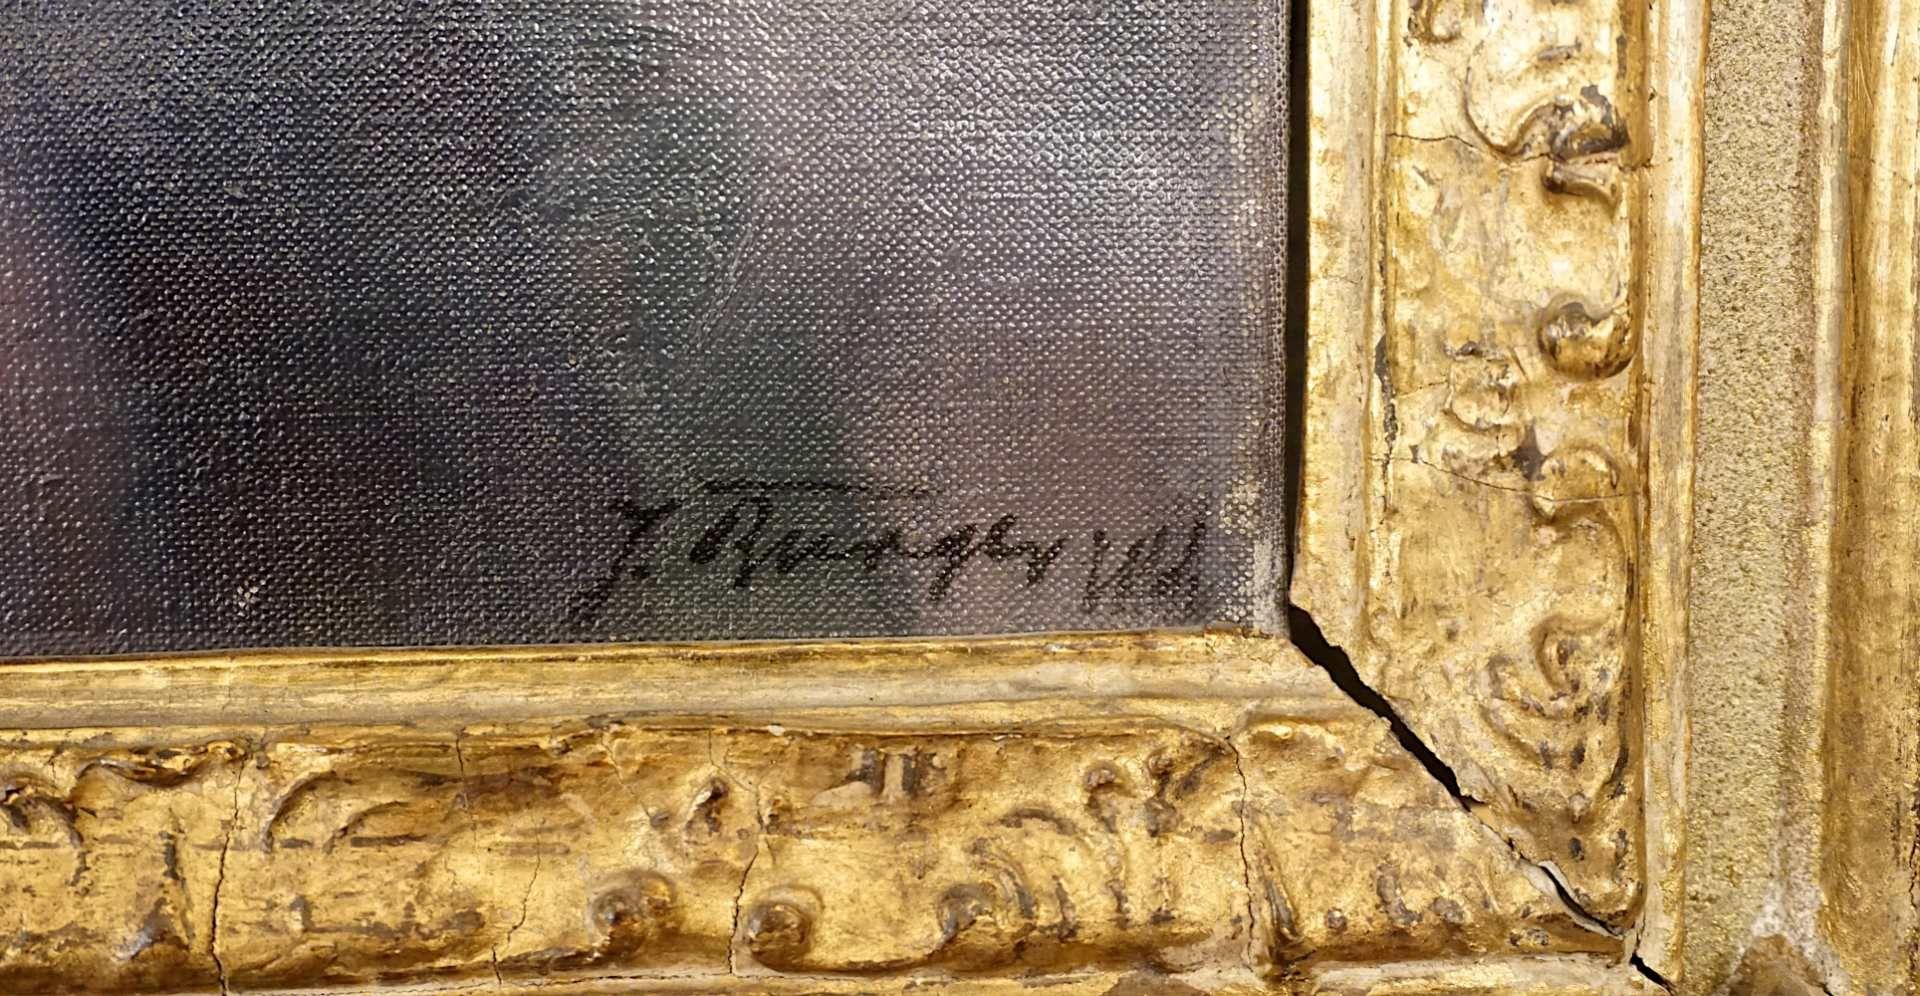 """1 Ölgemälde """"Stillleben"""" R.u. sign. J. BURGER (wohl Josef B. 1878-1966) Öl/Lwd. ca. - Bild 4 aus 4"""